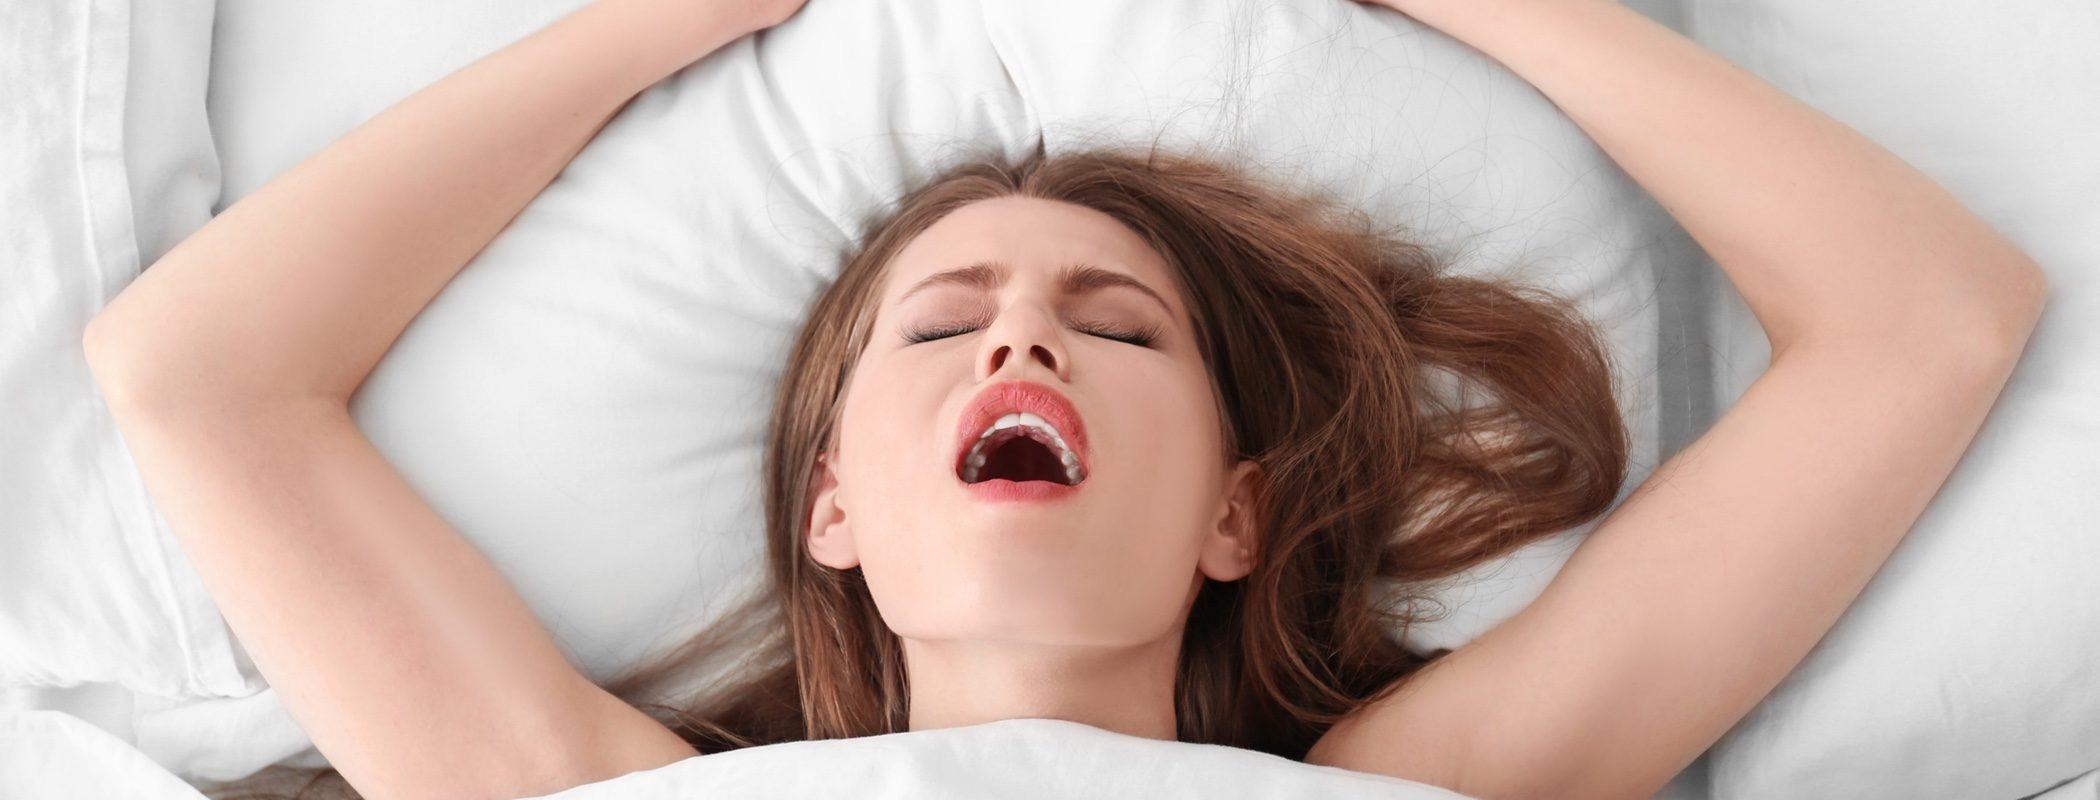 8 tipos de orgasmo femenino: alcánzalos con éxito